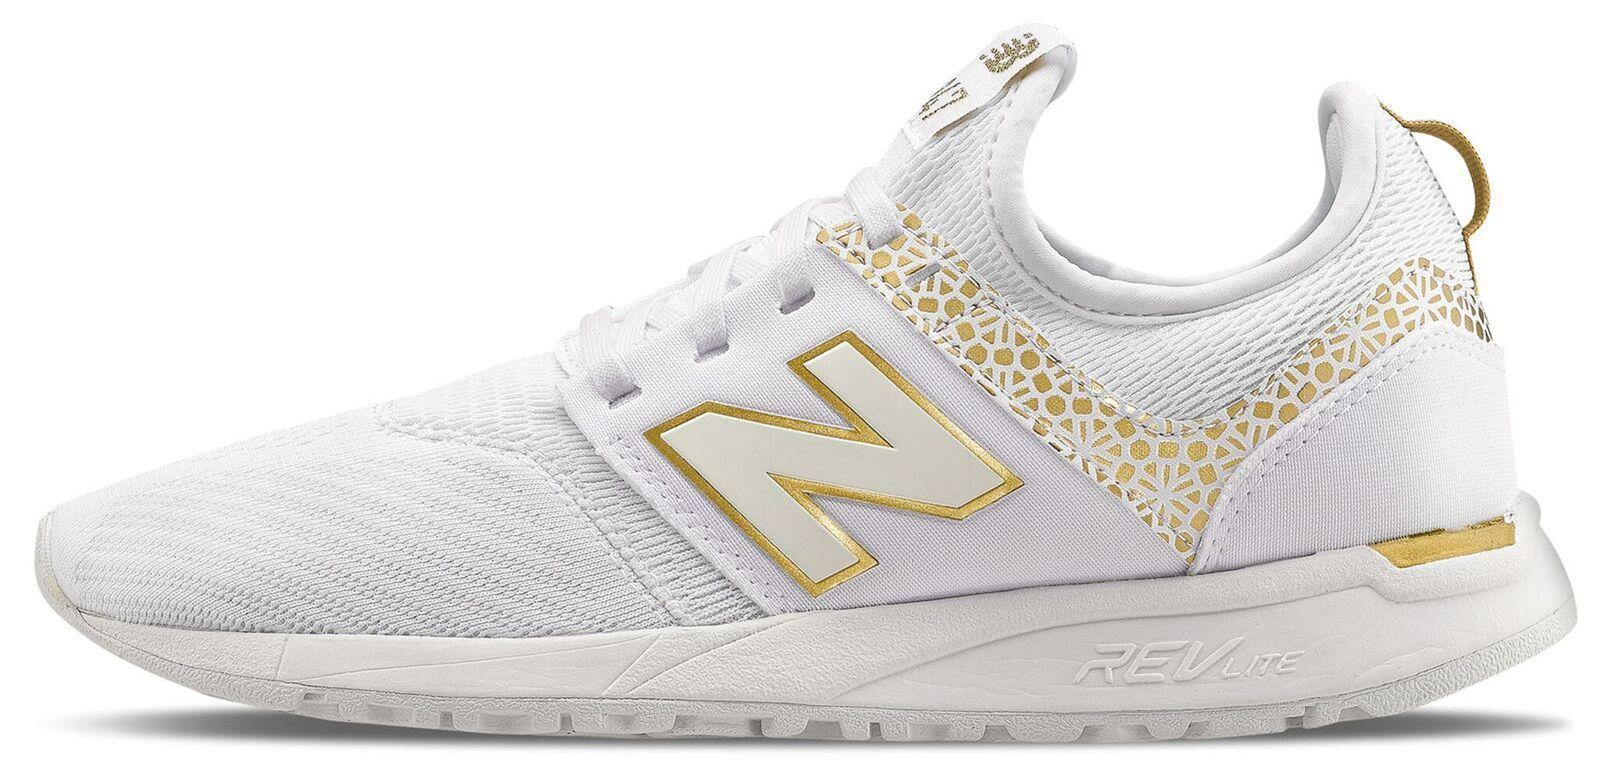 Le sneakers dell'estate 2018 sono queste: bianche, esclusive e so ...